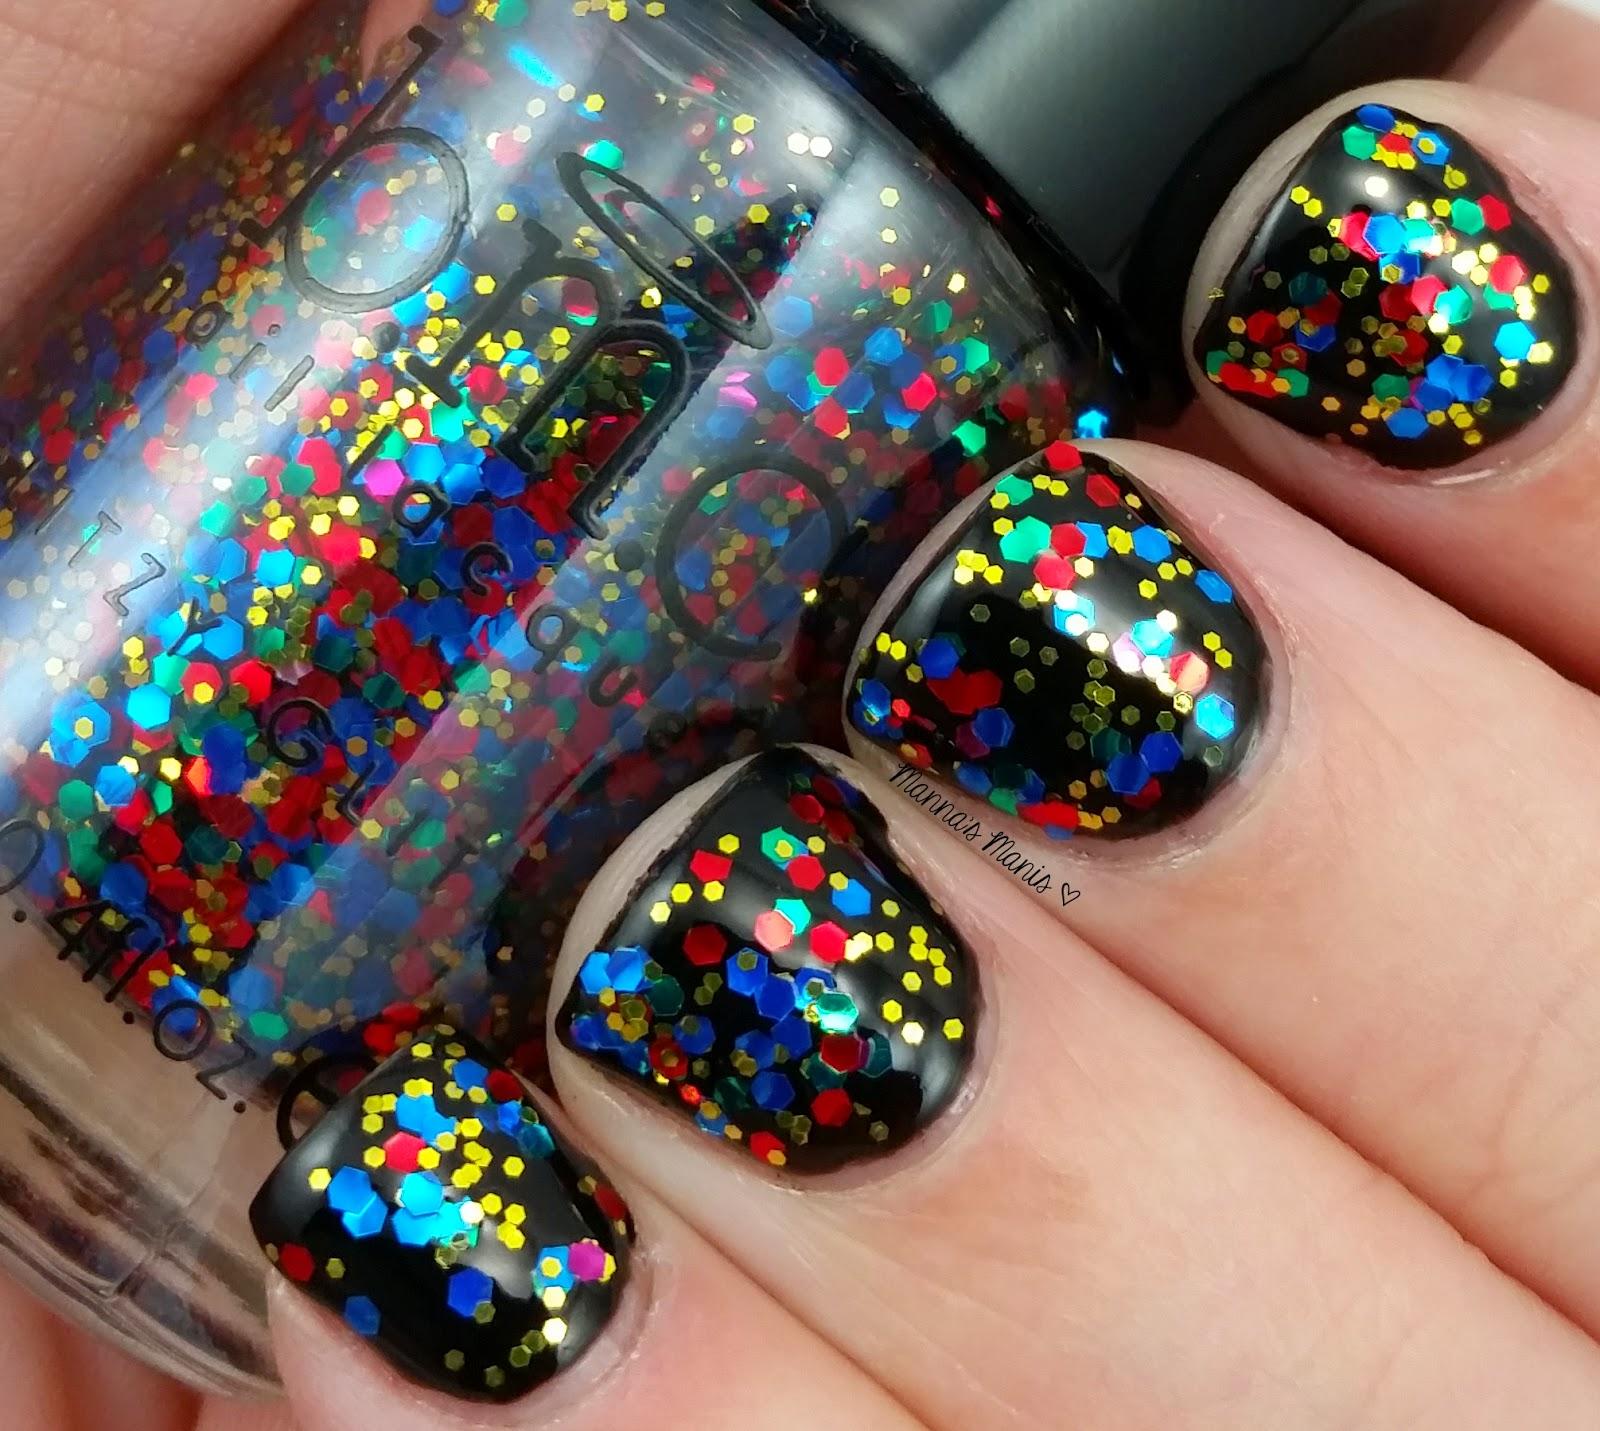 BMC Sin City, a multicolored glitter nail polish